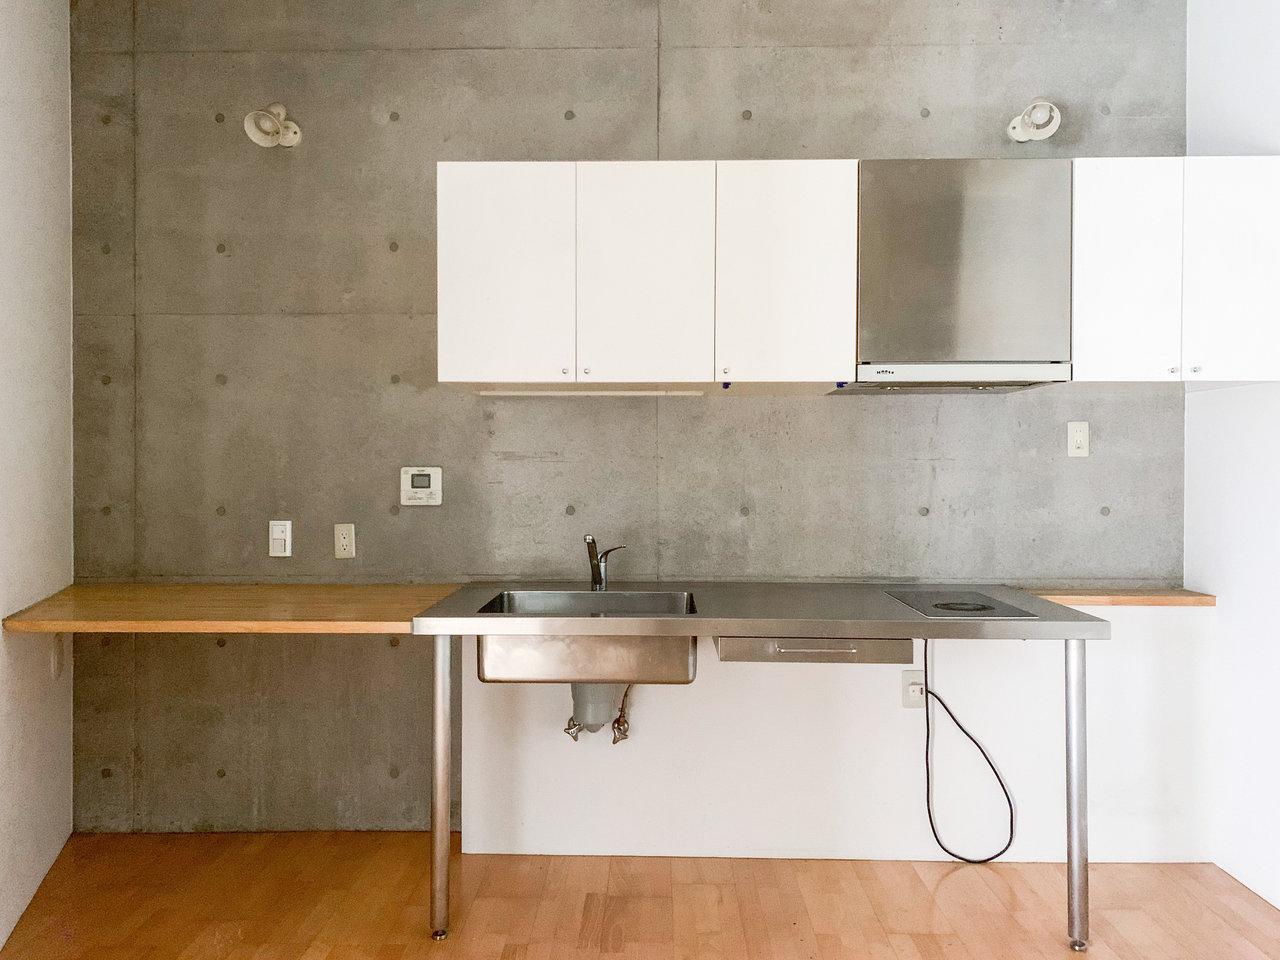 4件目はコンクリートの壁が印象的なこちらのお部屋。メゾネットタイプの1LDK物件です。キッチンはかっこよく、広々としています。左側の棚には、炊飯器やレンジなどを置けたらいいですね。